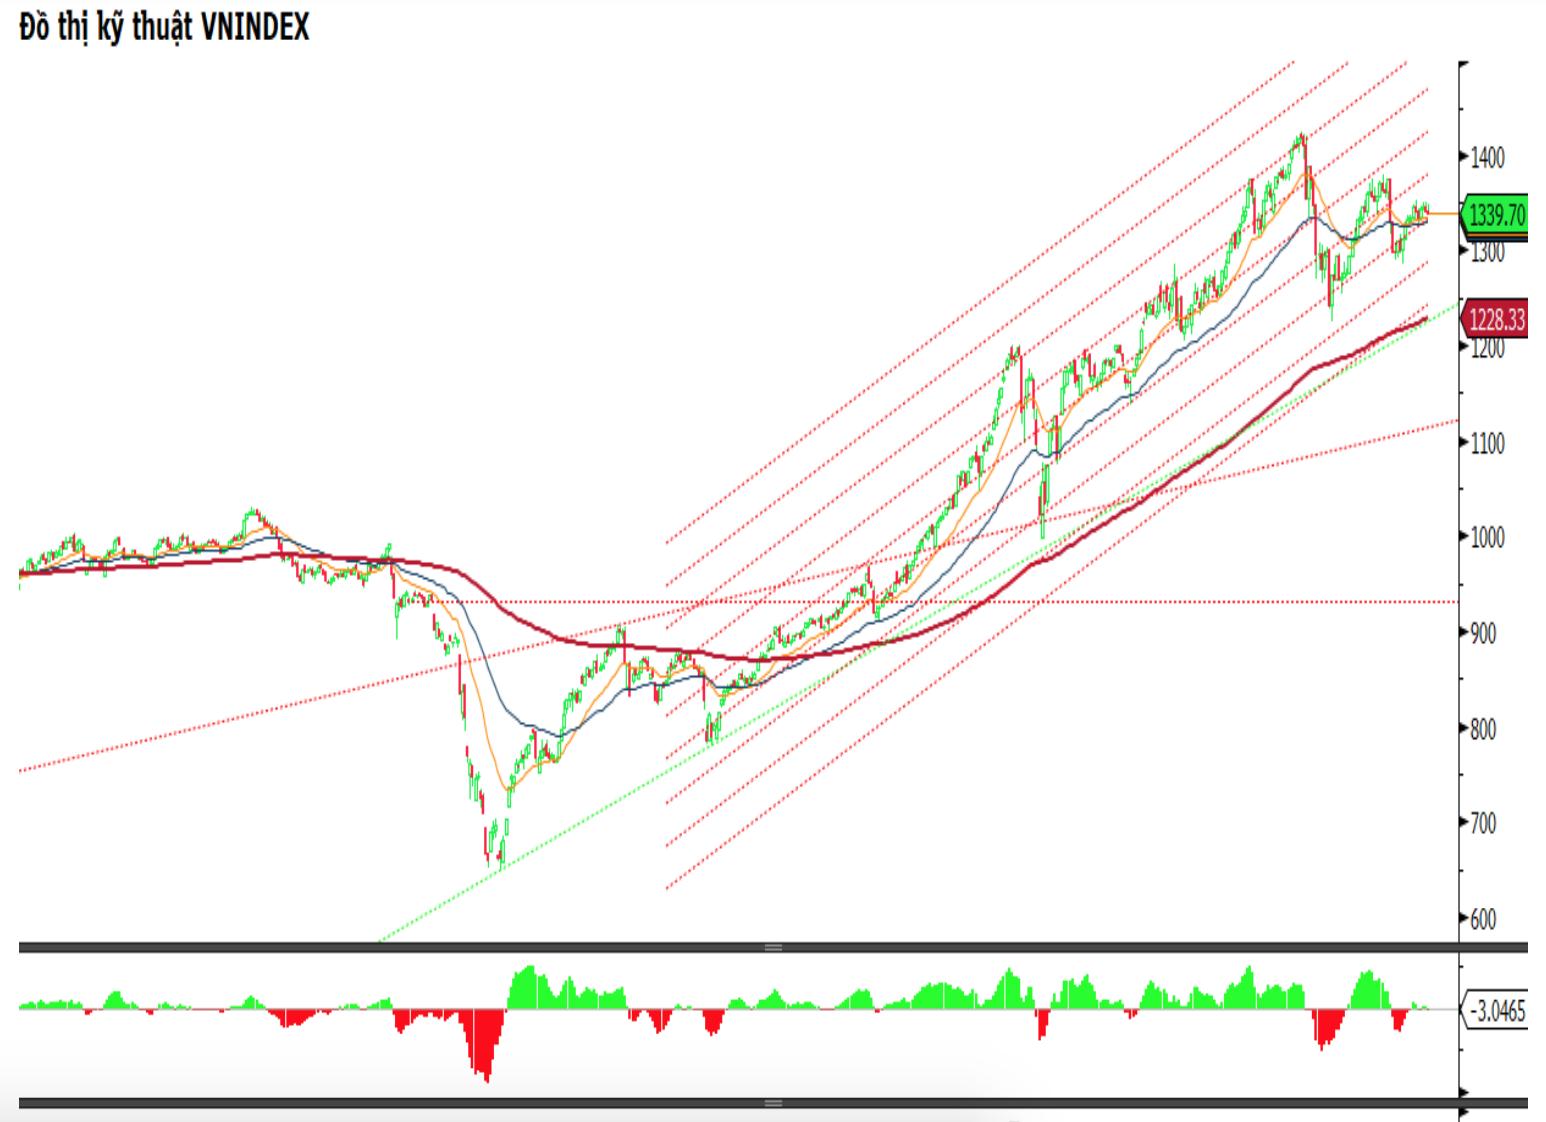 Chứng khoán ngày 15/9: Mua cổ phiếu gì trong giai đoạn tích lũy ngắn hạn?